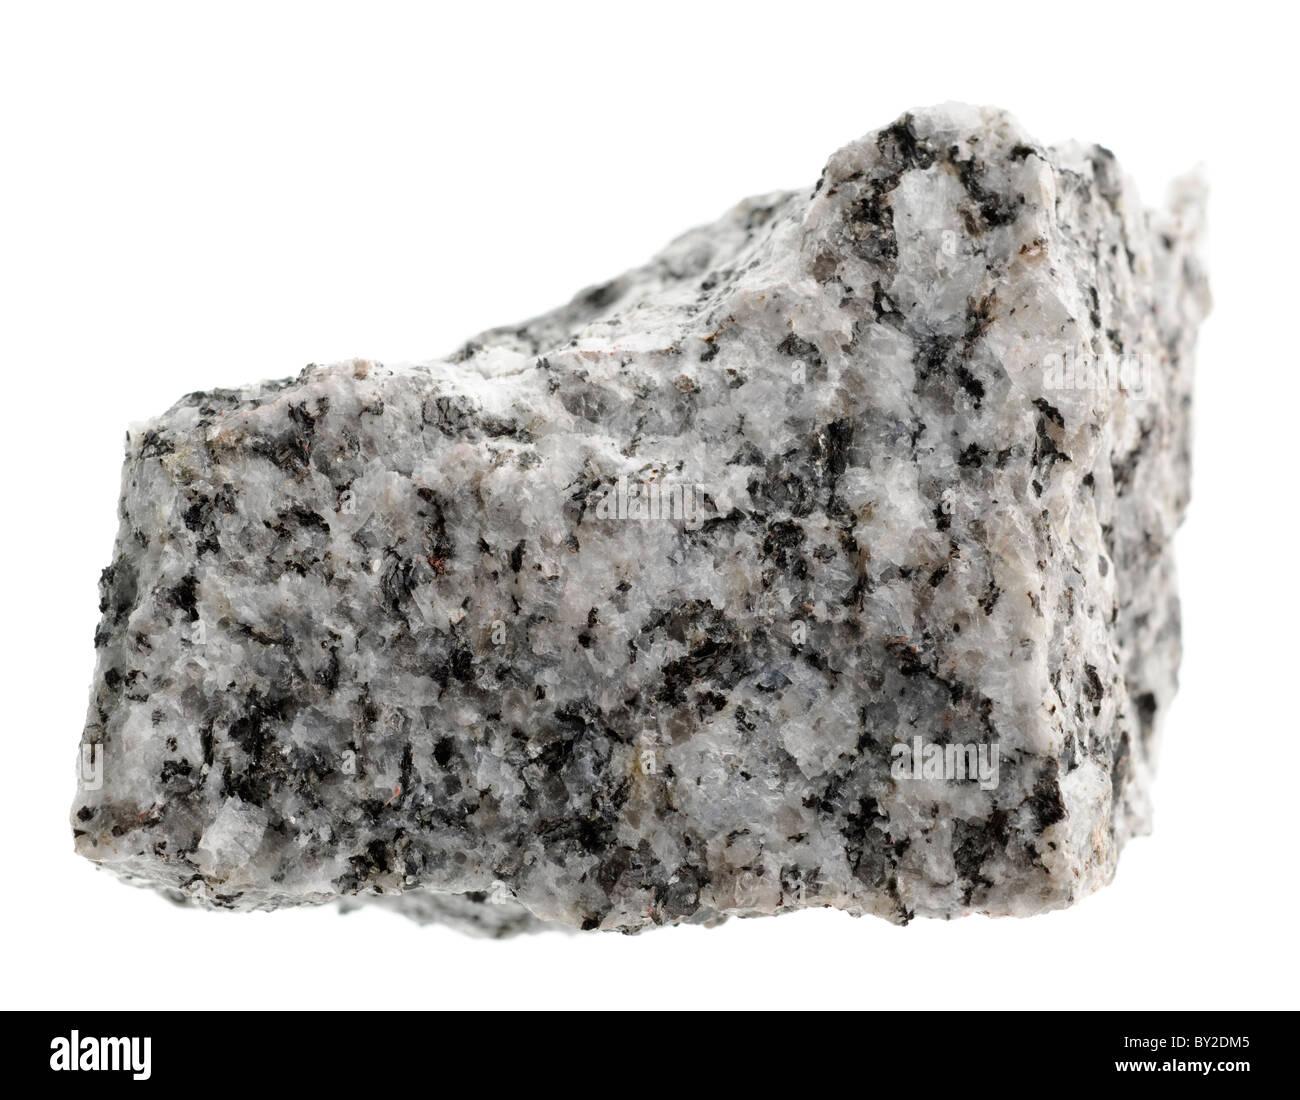 Granite Rock Sample Stock Photos & Granite Rock Sample Stock ...